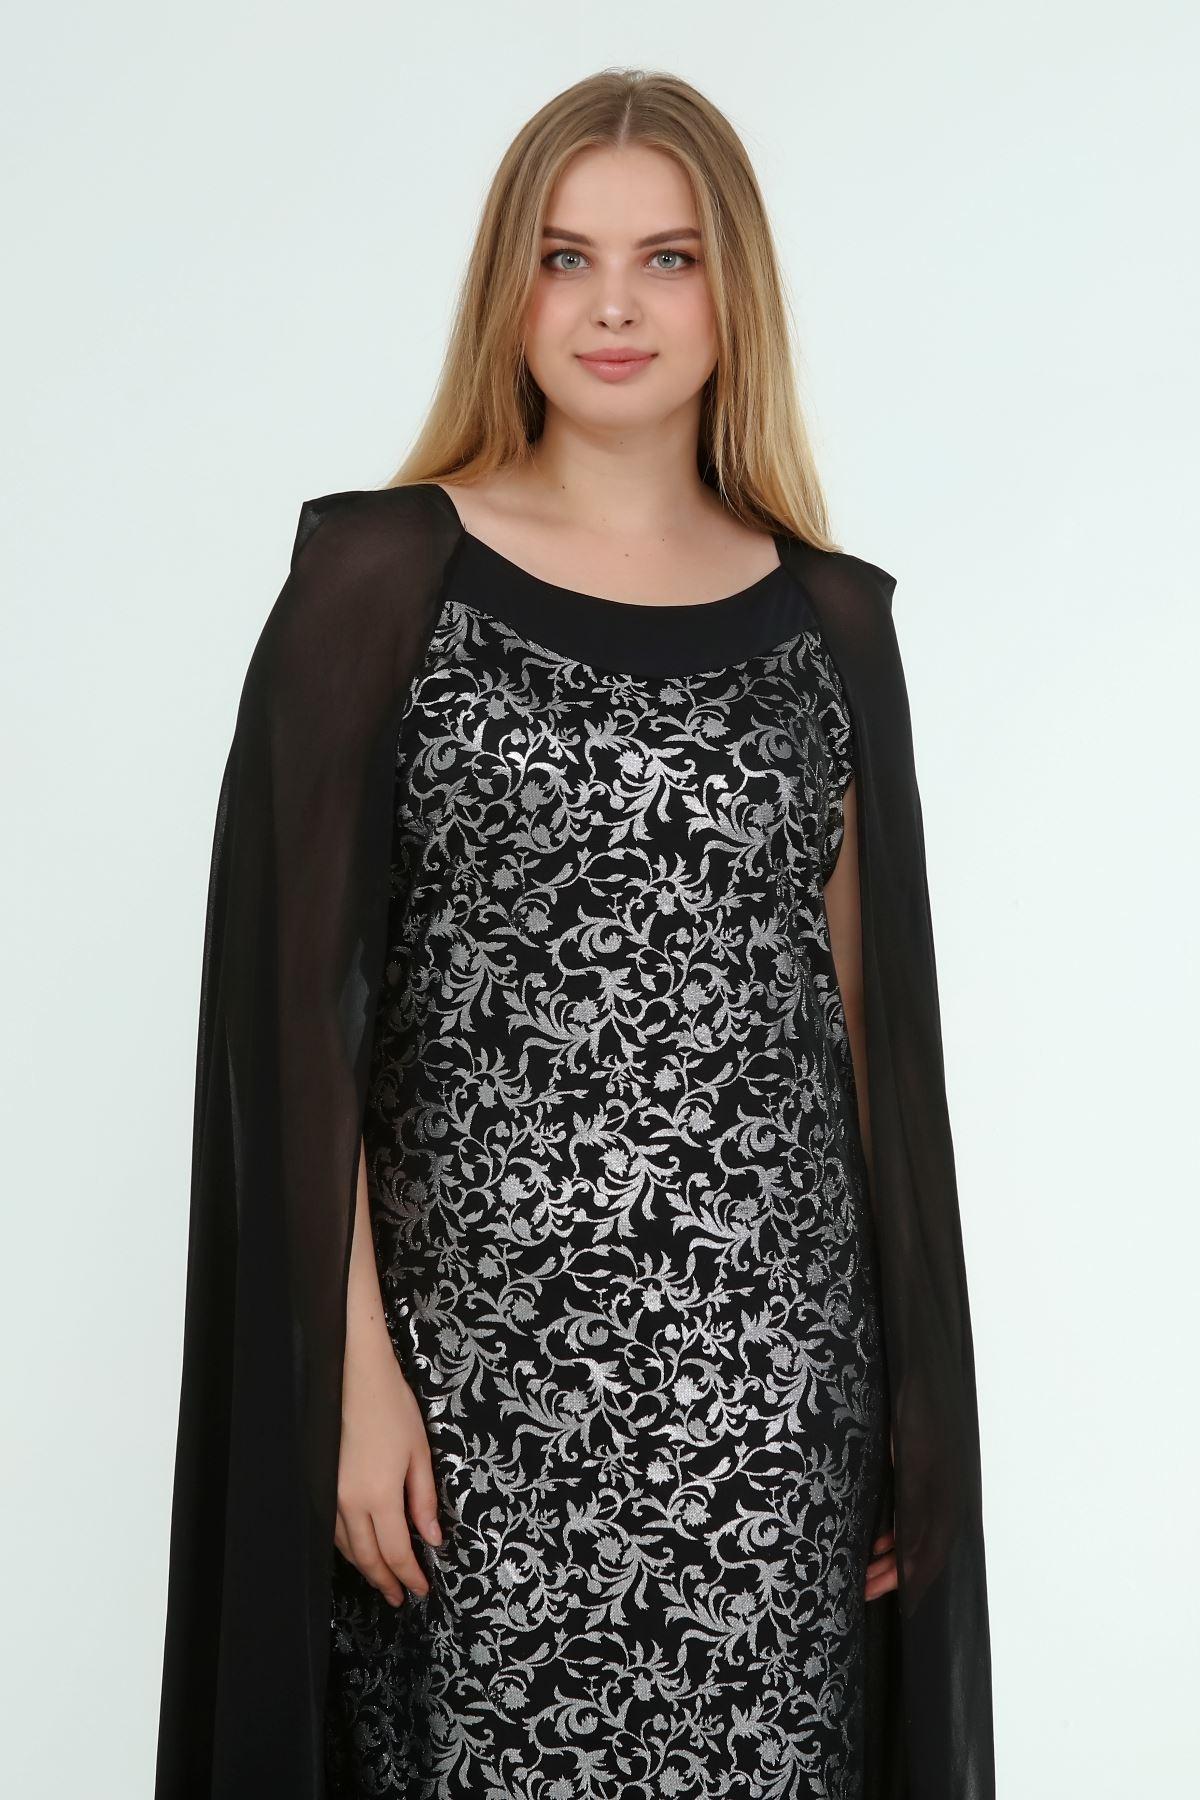 Kadın Büyük Beden Siyah Gümüş Desenli Pelerinli Gece Elbise  A1-4051